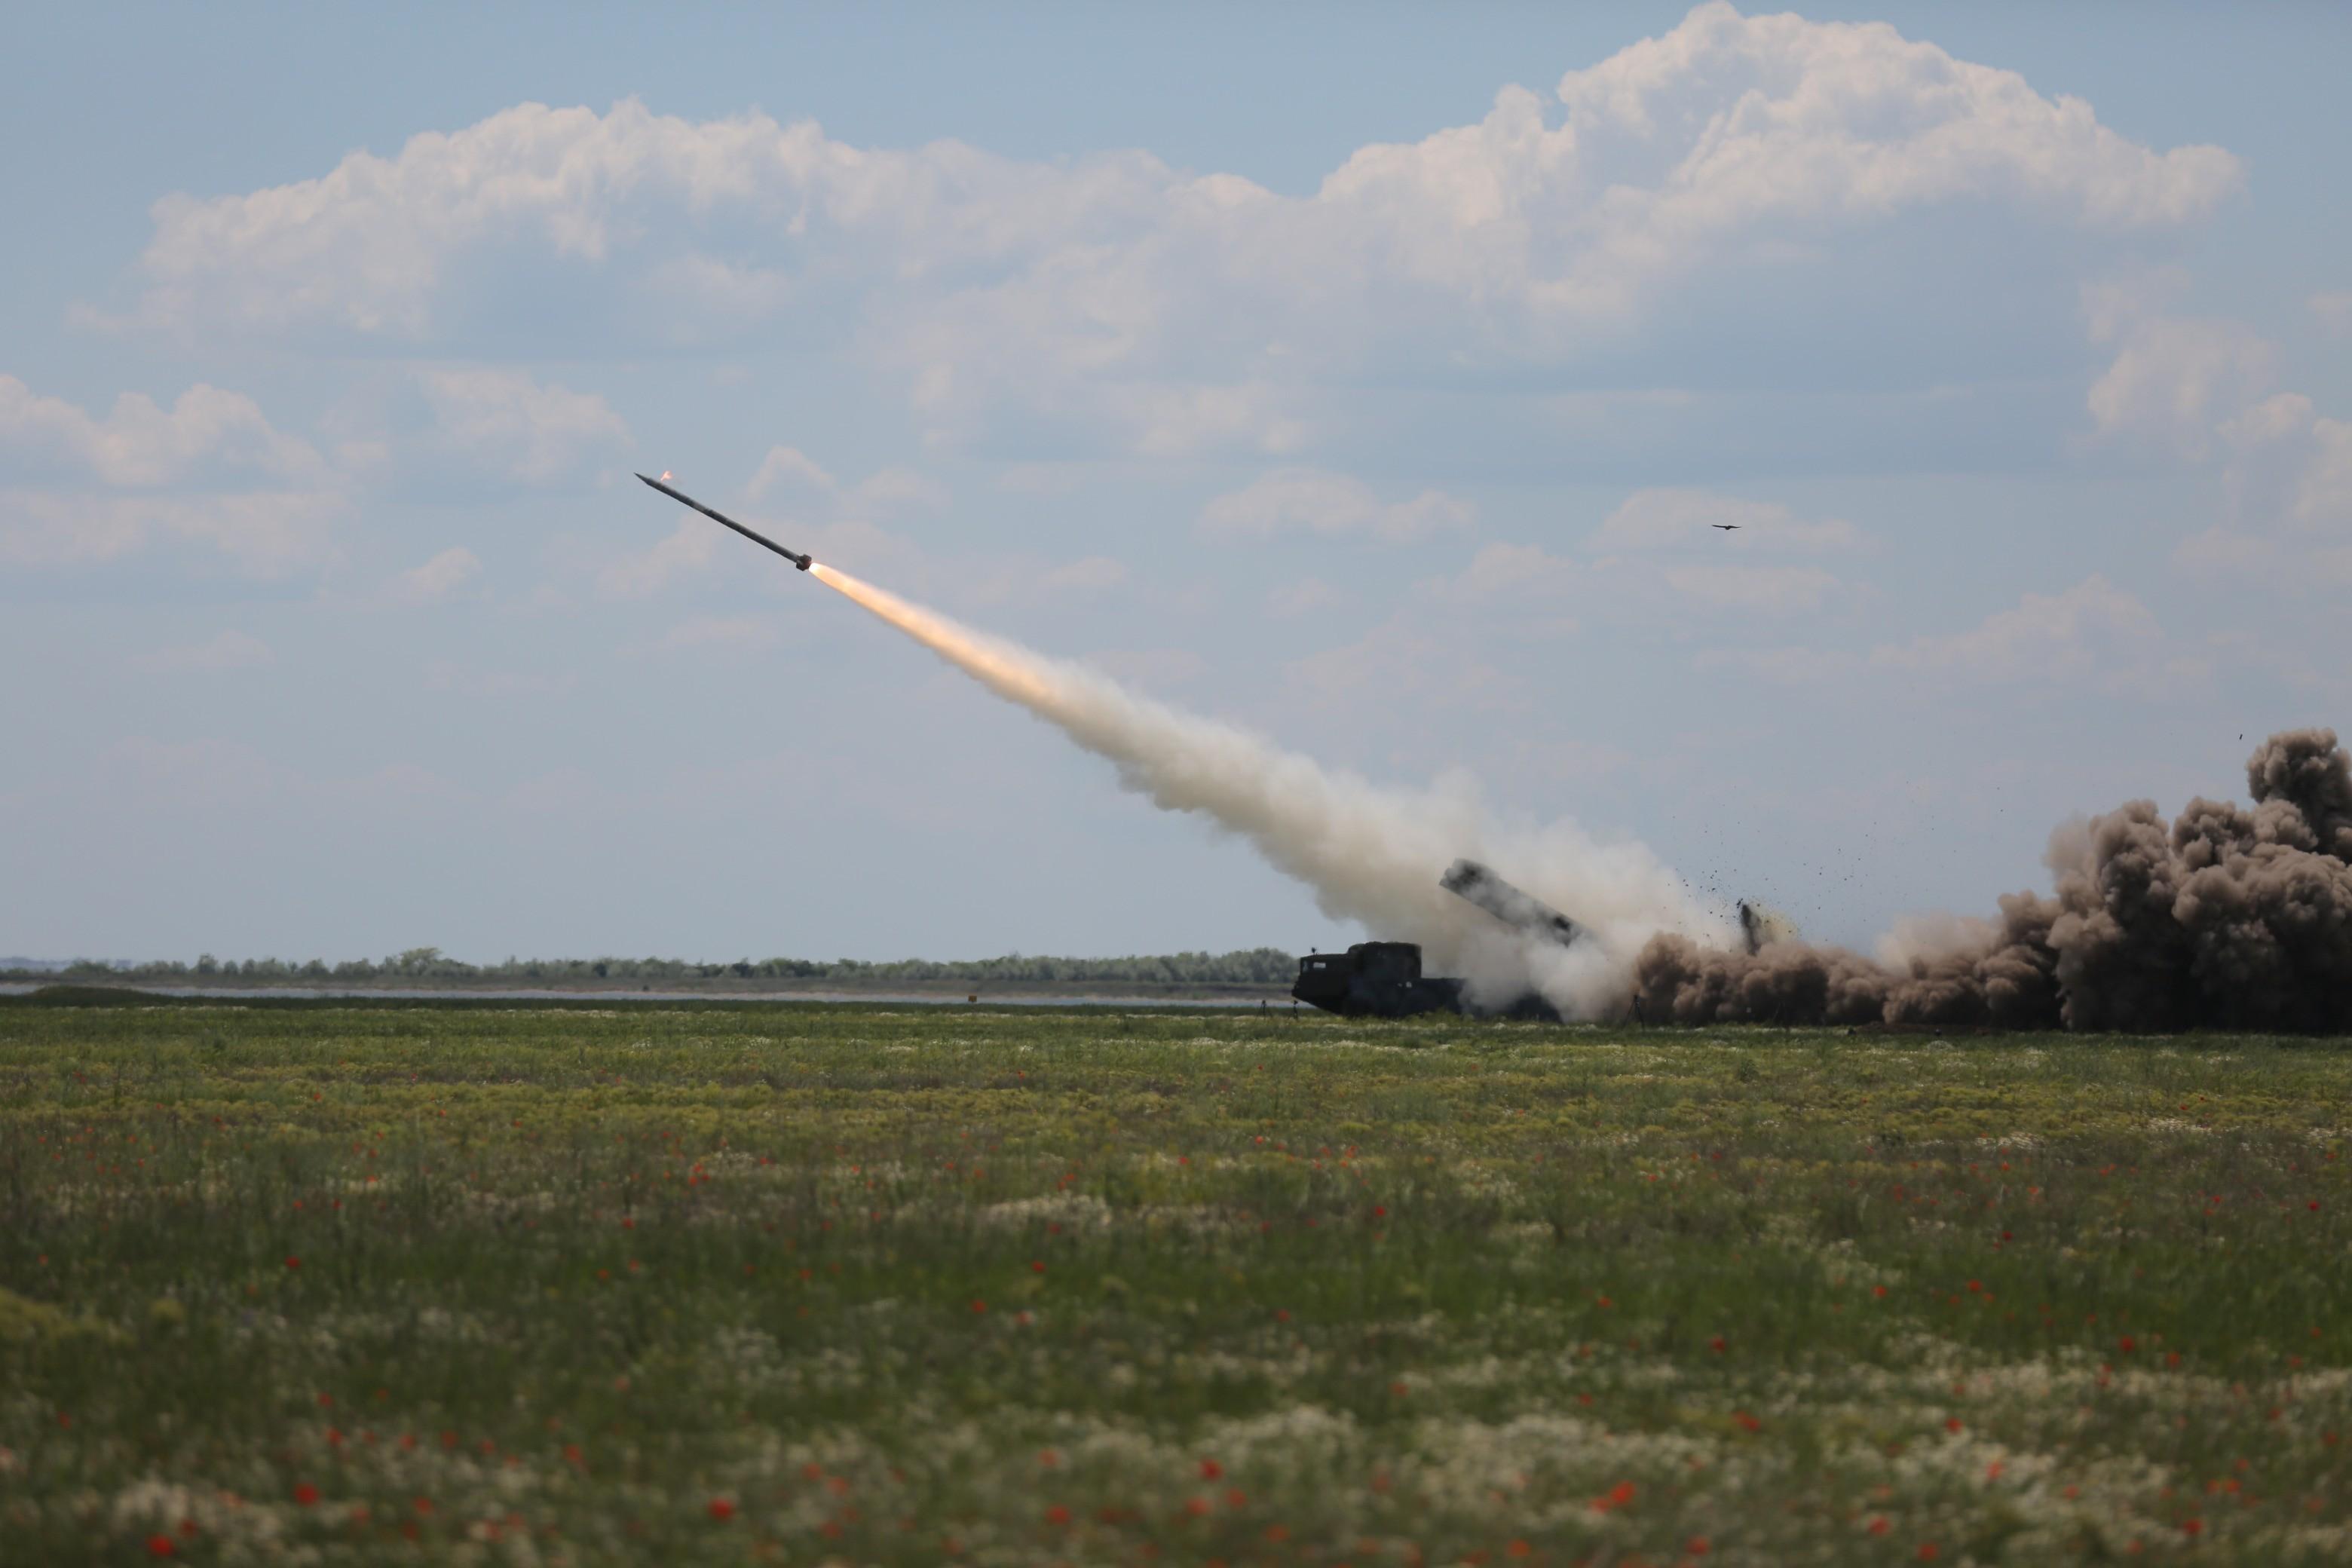 В Украине успешно завершили испытания новой ракеты: мощные кадры